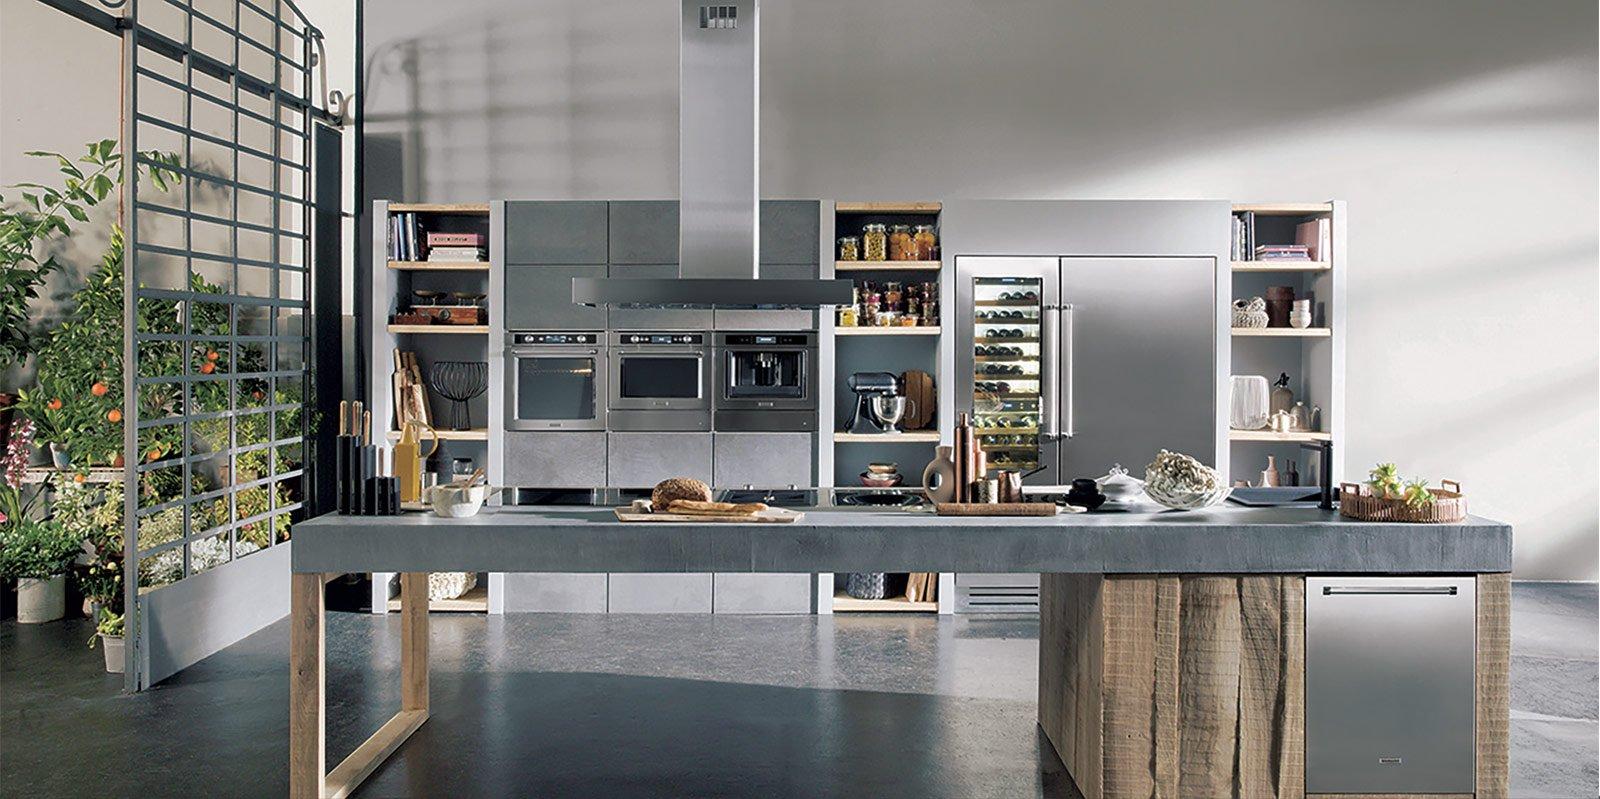 KitchenAid - Handwerkliche Qualität